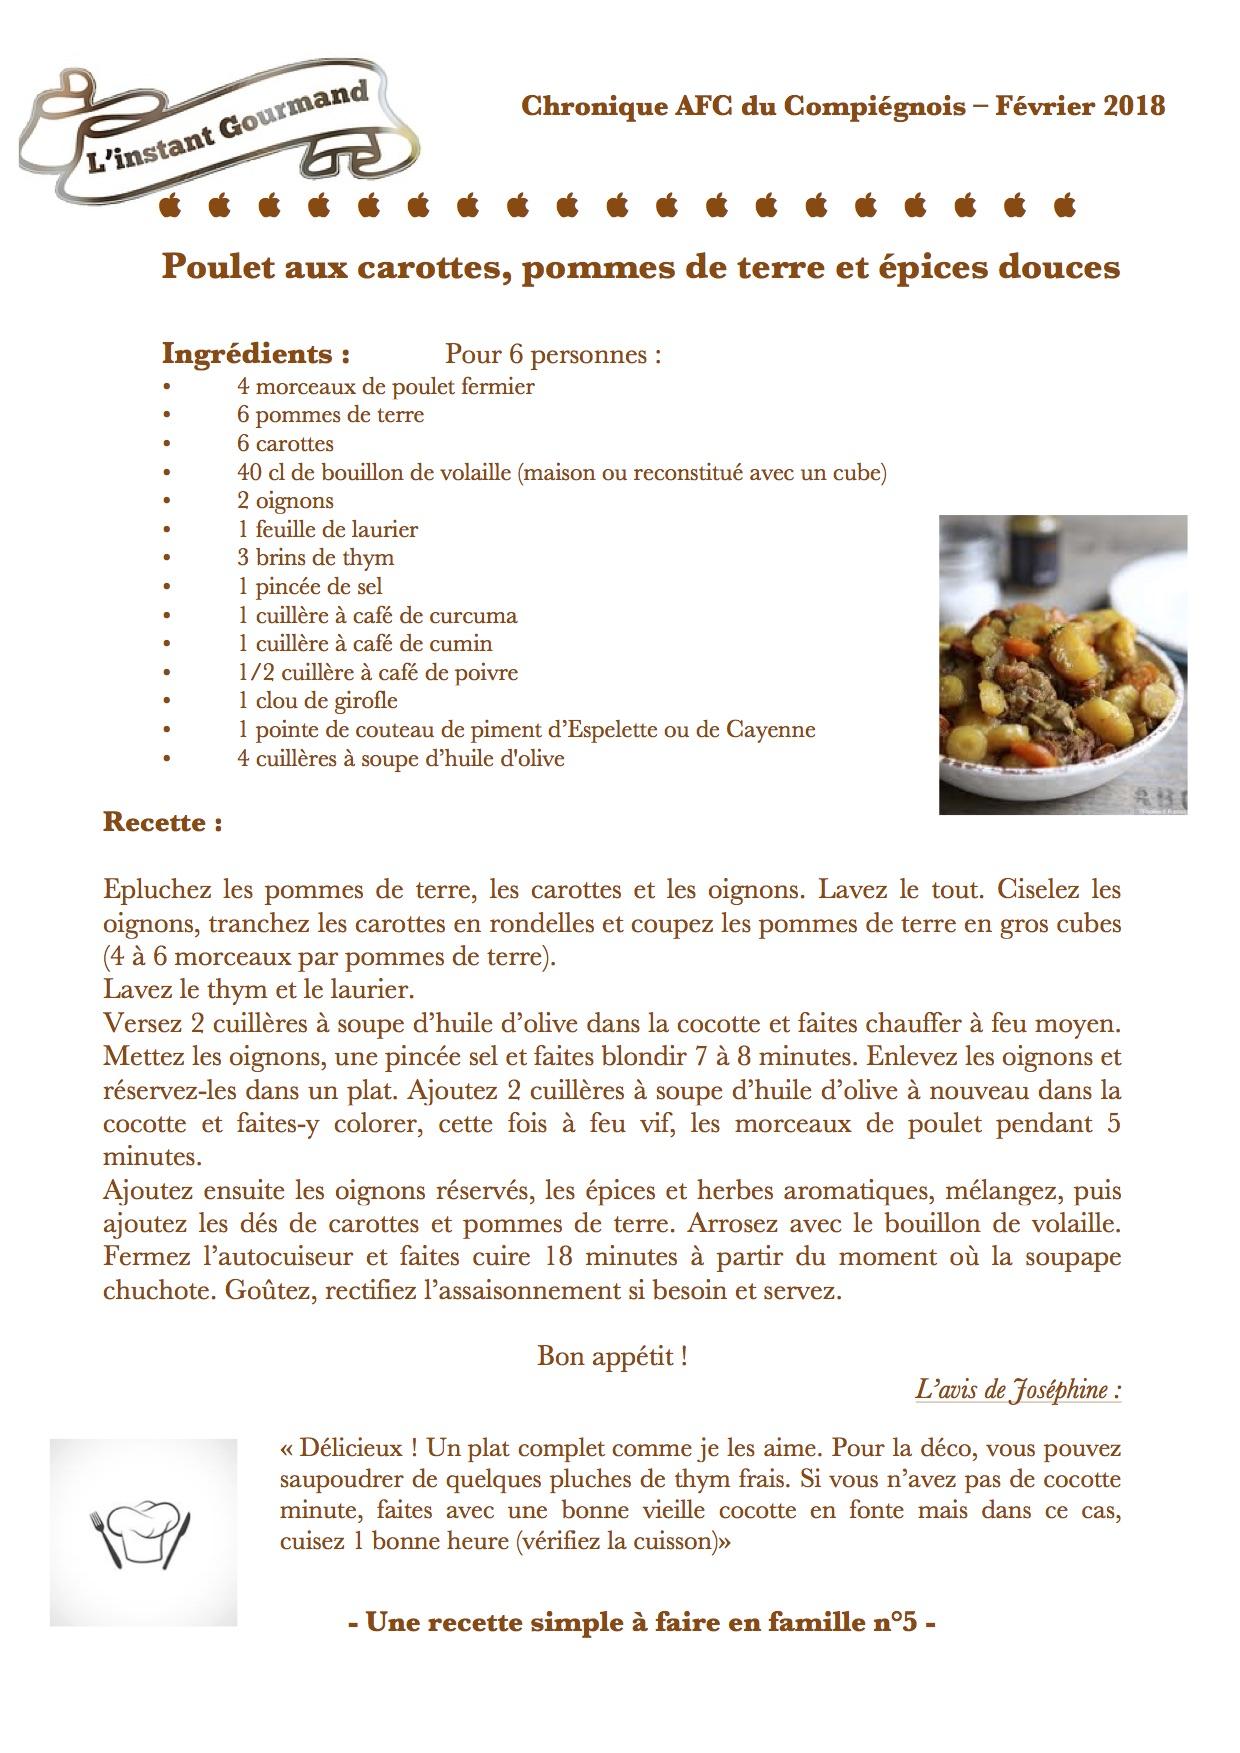 Chronique L'instant gourmand 5 Février 2018